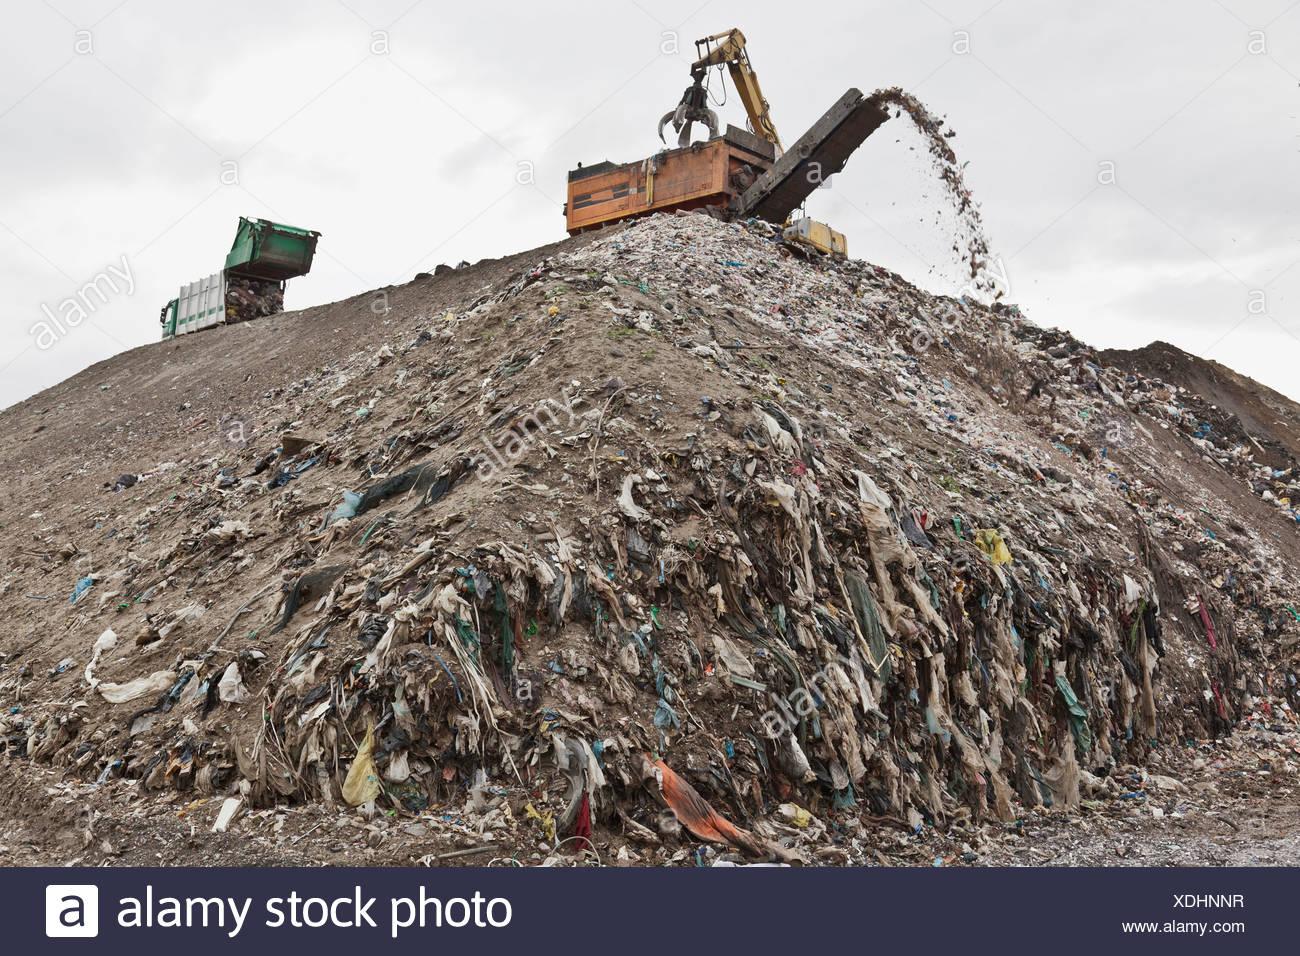 Maquinaria en el centro de recolección de basura Foto de stock